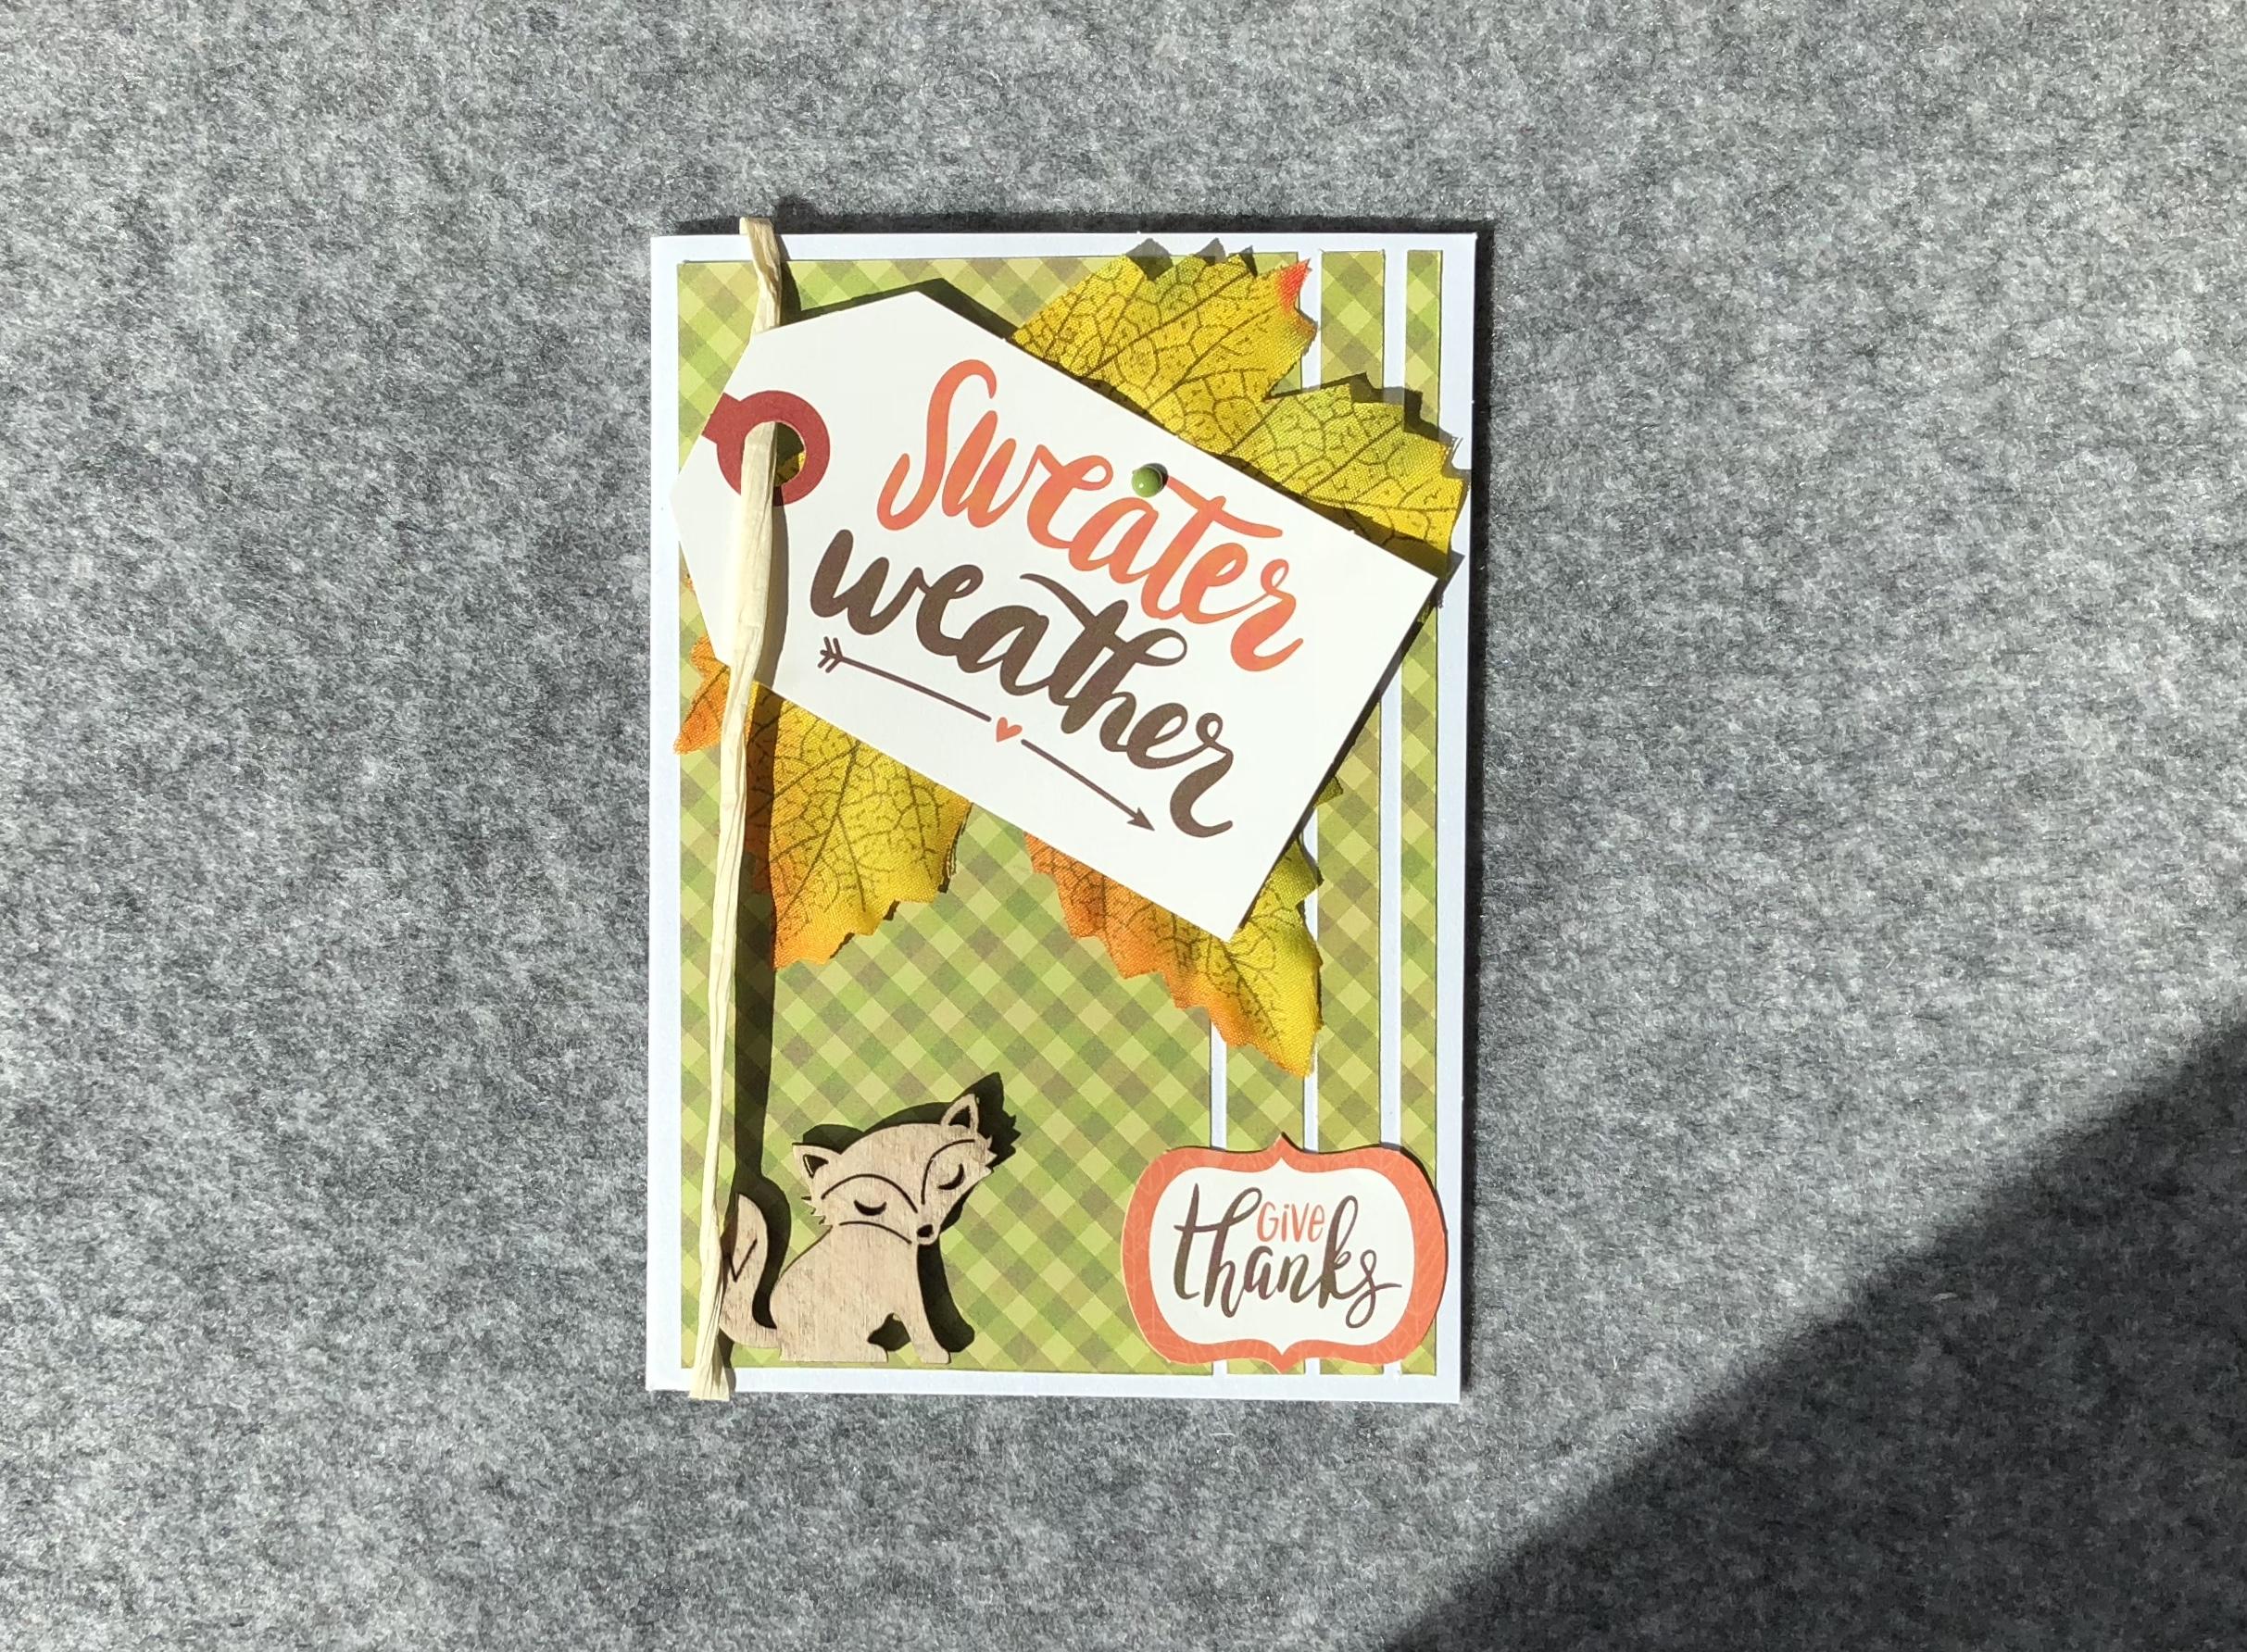 Ein taktiles Blatt mit 2 Grußschildern und einem taktilen Button eines Fuchses